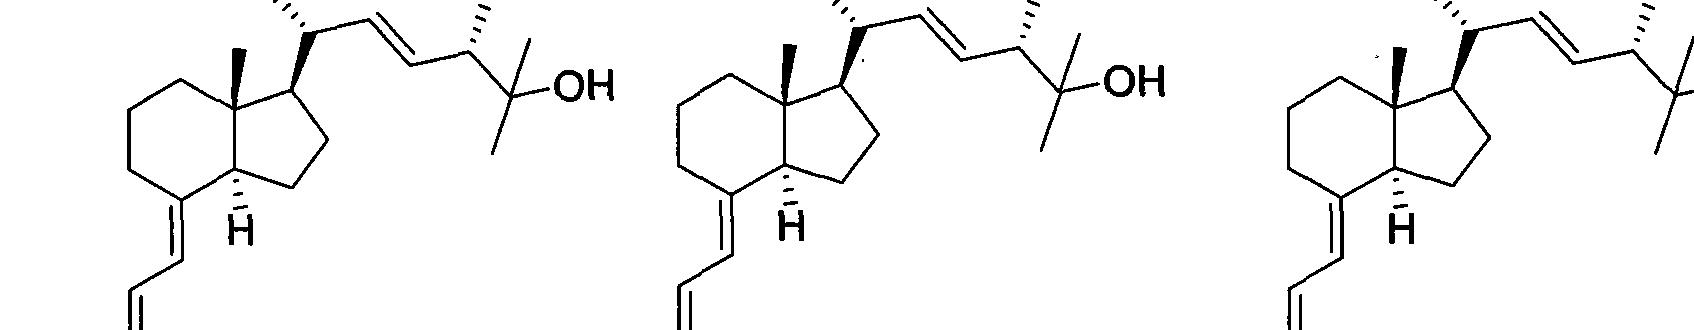 Figure CN101955498BD00032